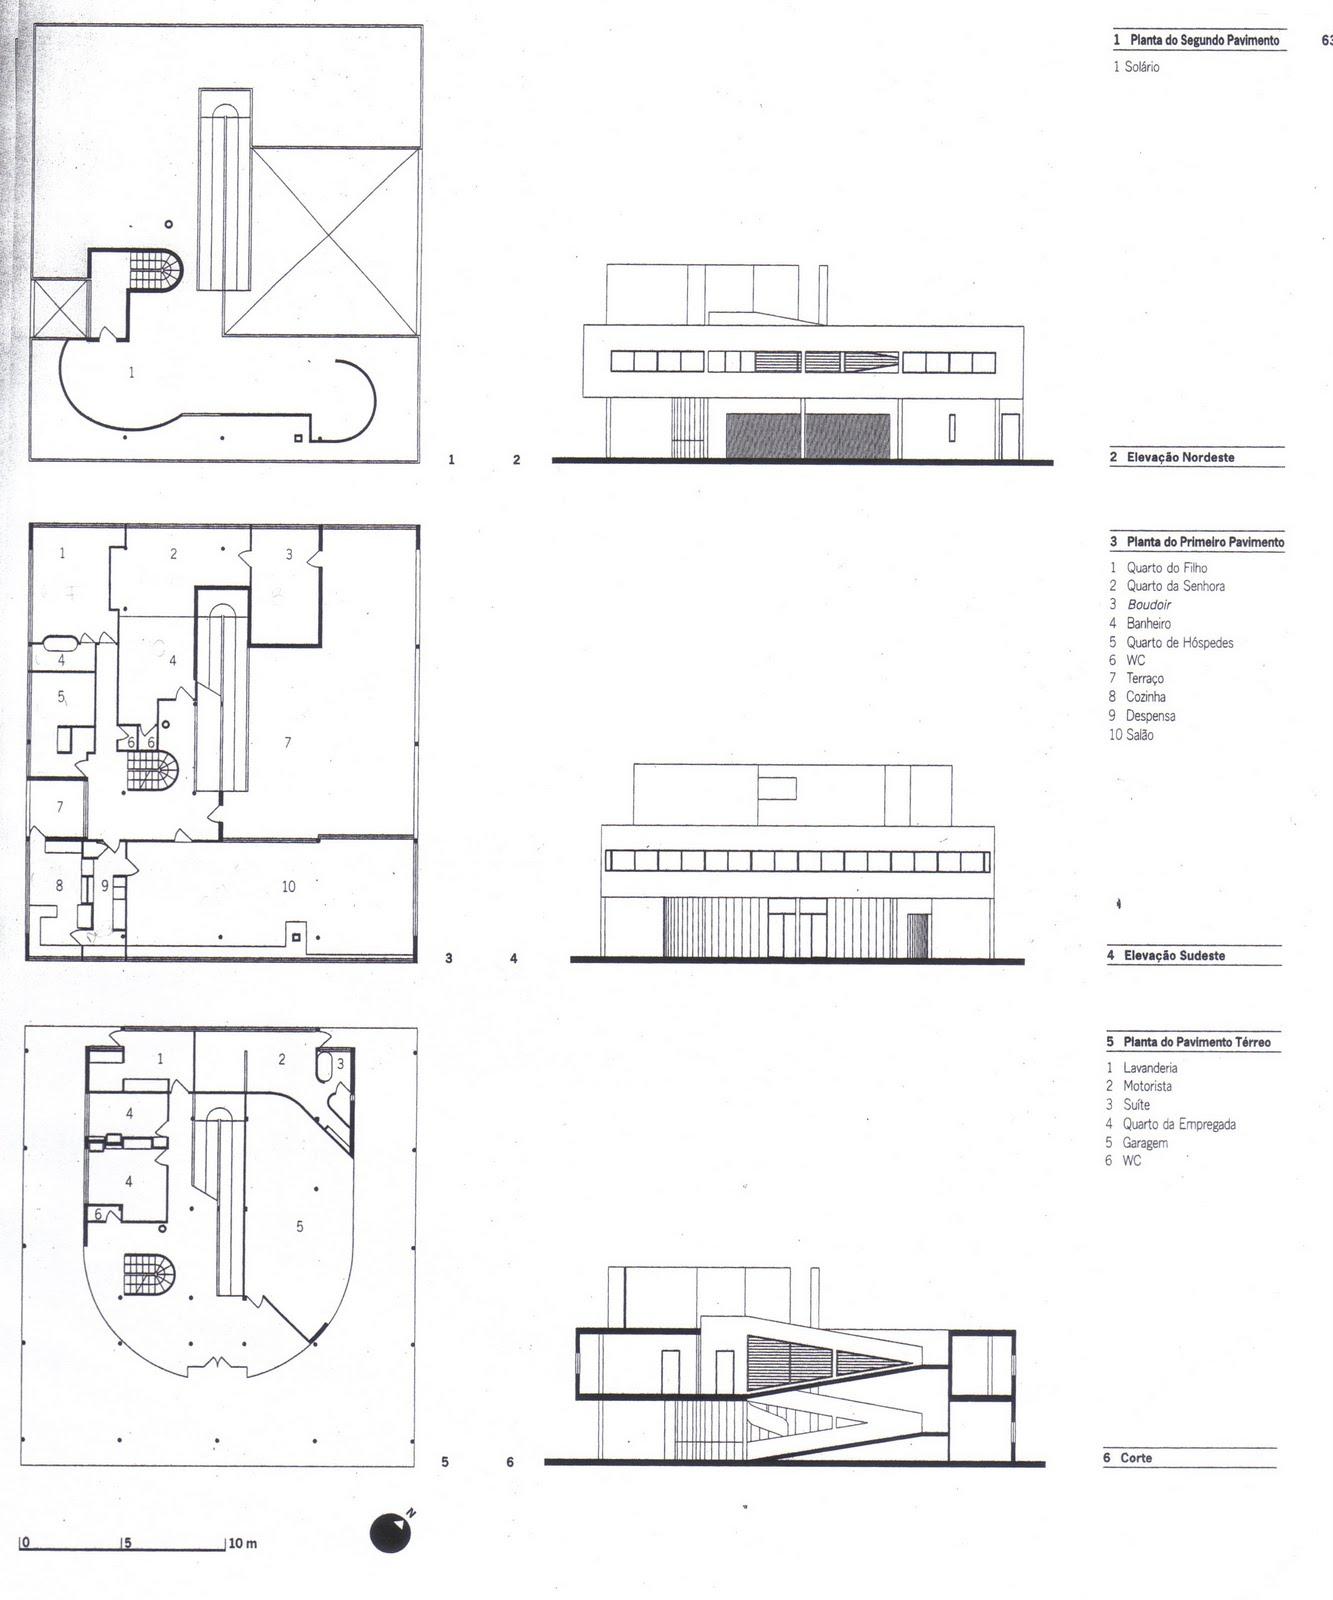 Villa Savoye Floor Plan Villa Savoye Planta Baixa E Fachadas